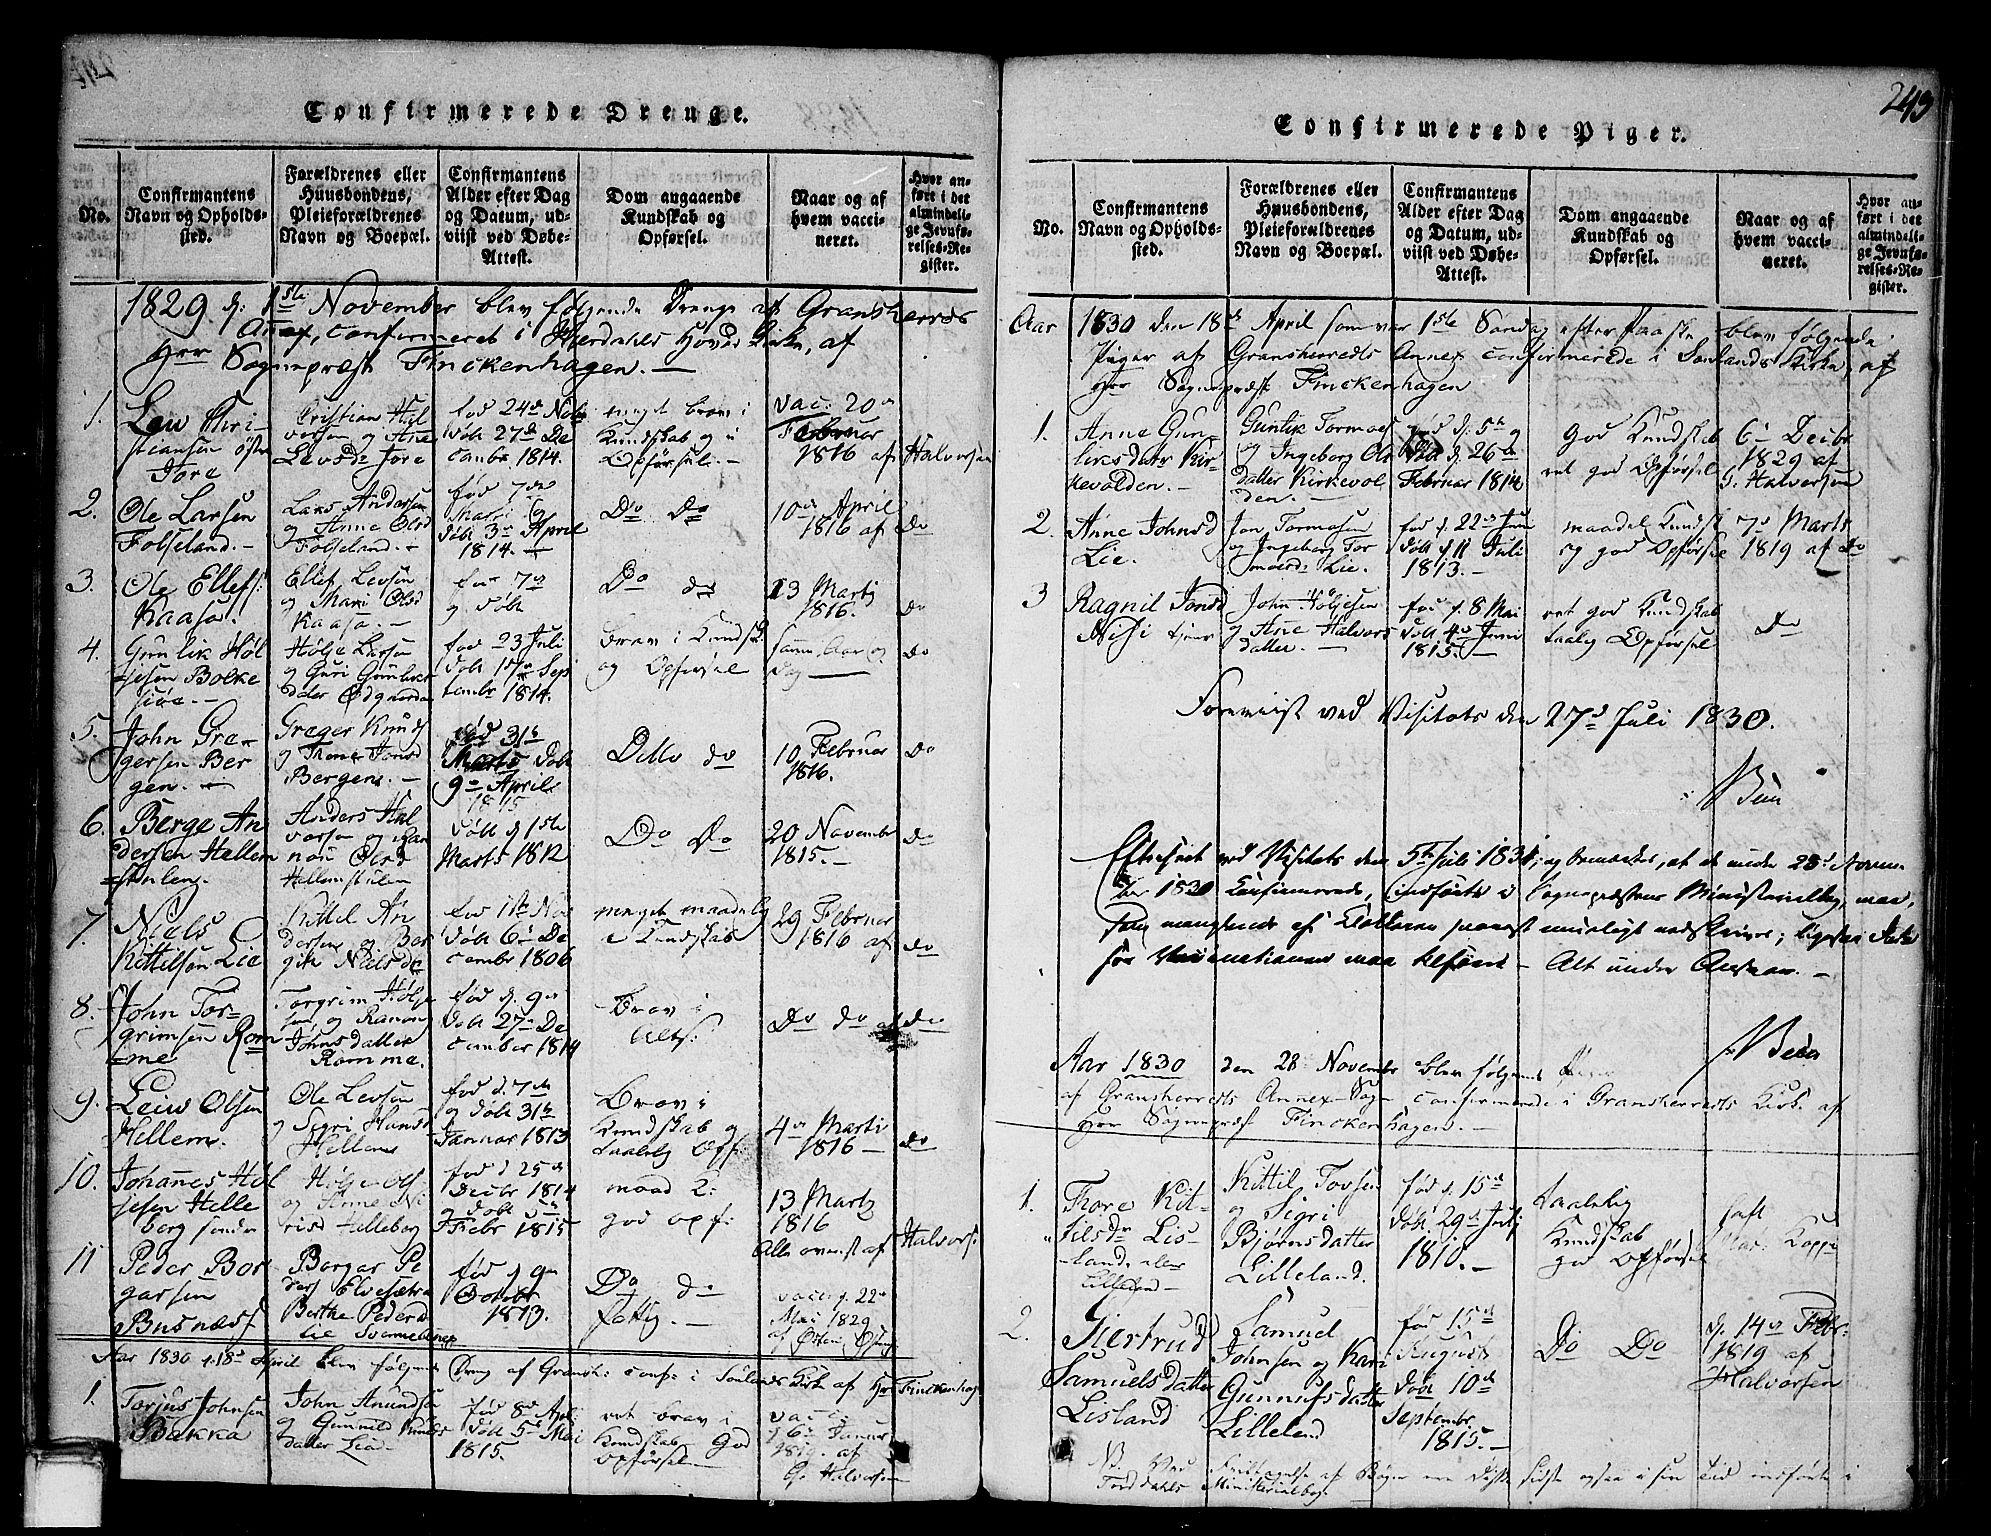 SAKO, Gransherad kirkebøker, G/Ga/L0001: Klokkerbok nr. I 1, 1815-1842, s. 243